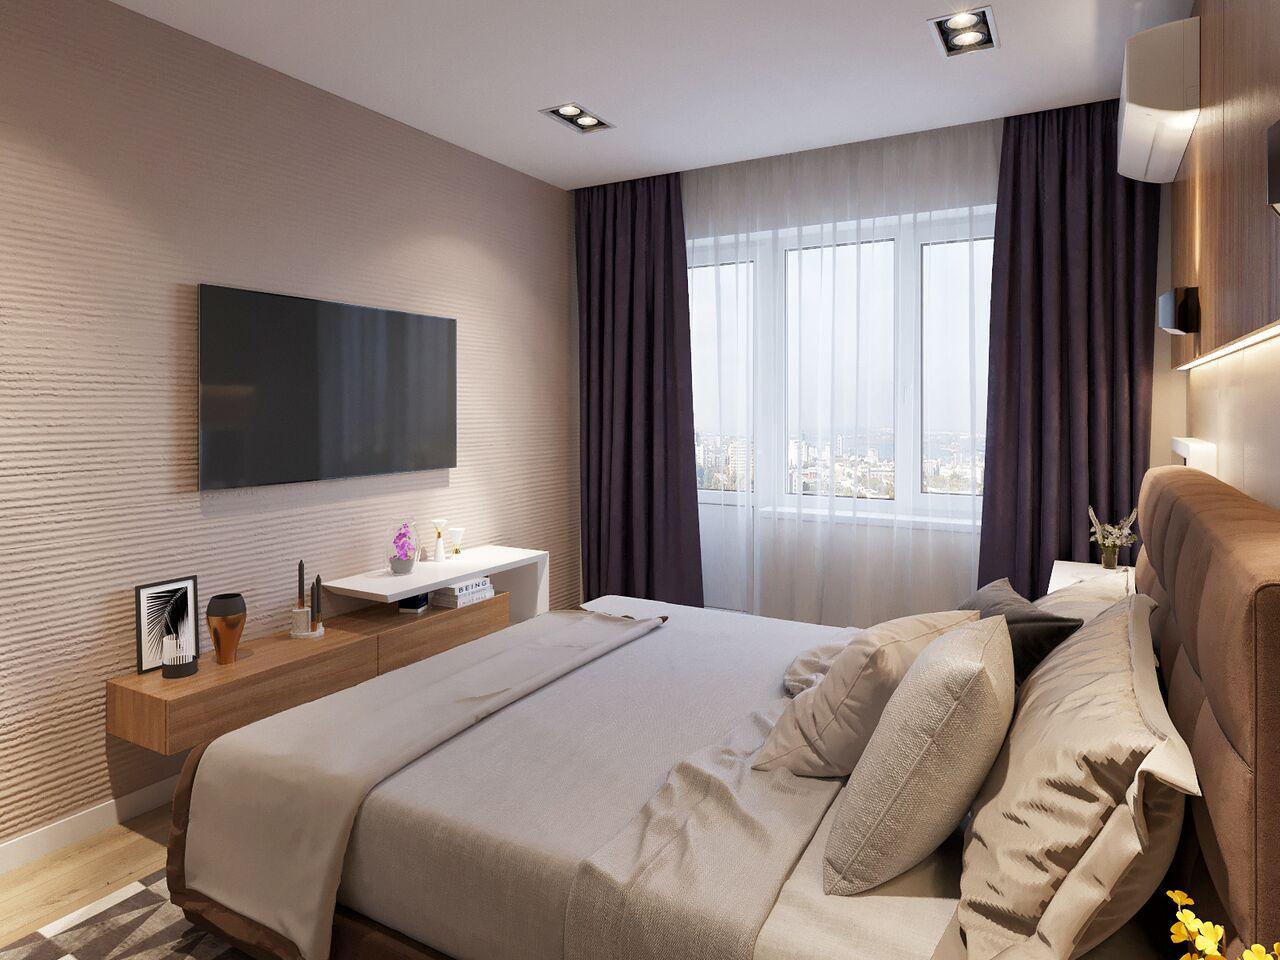 Дизайн интерьера спальни. Вариант 2